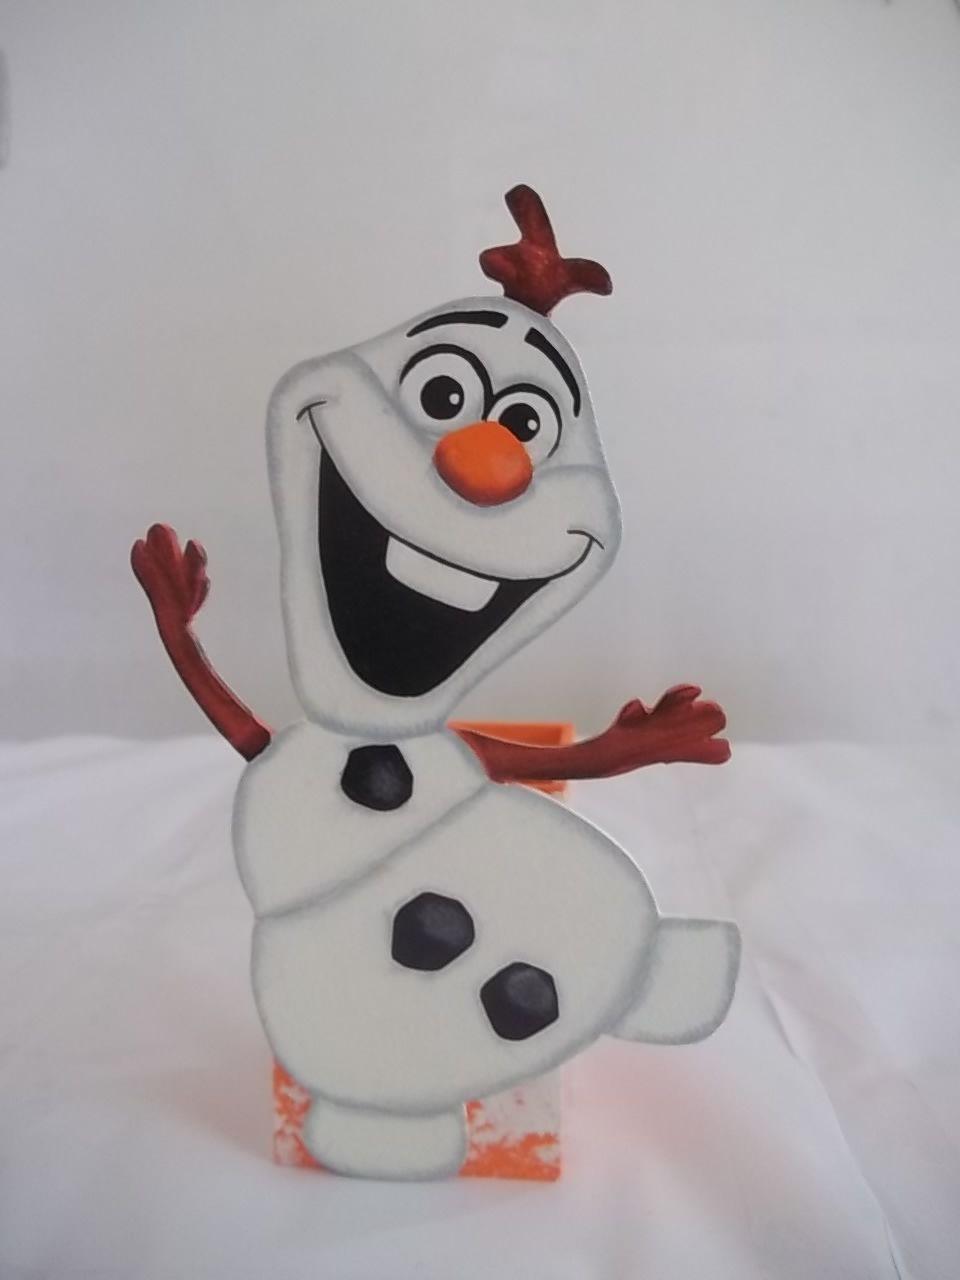 Porta Lápis Olaf Frozen - Muneco de nieve, Manualidades para niños, Manualidades